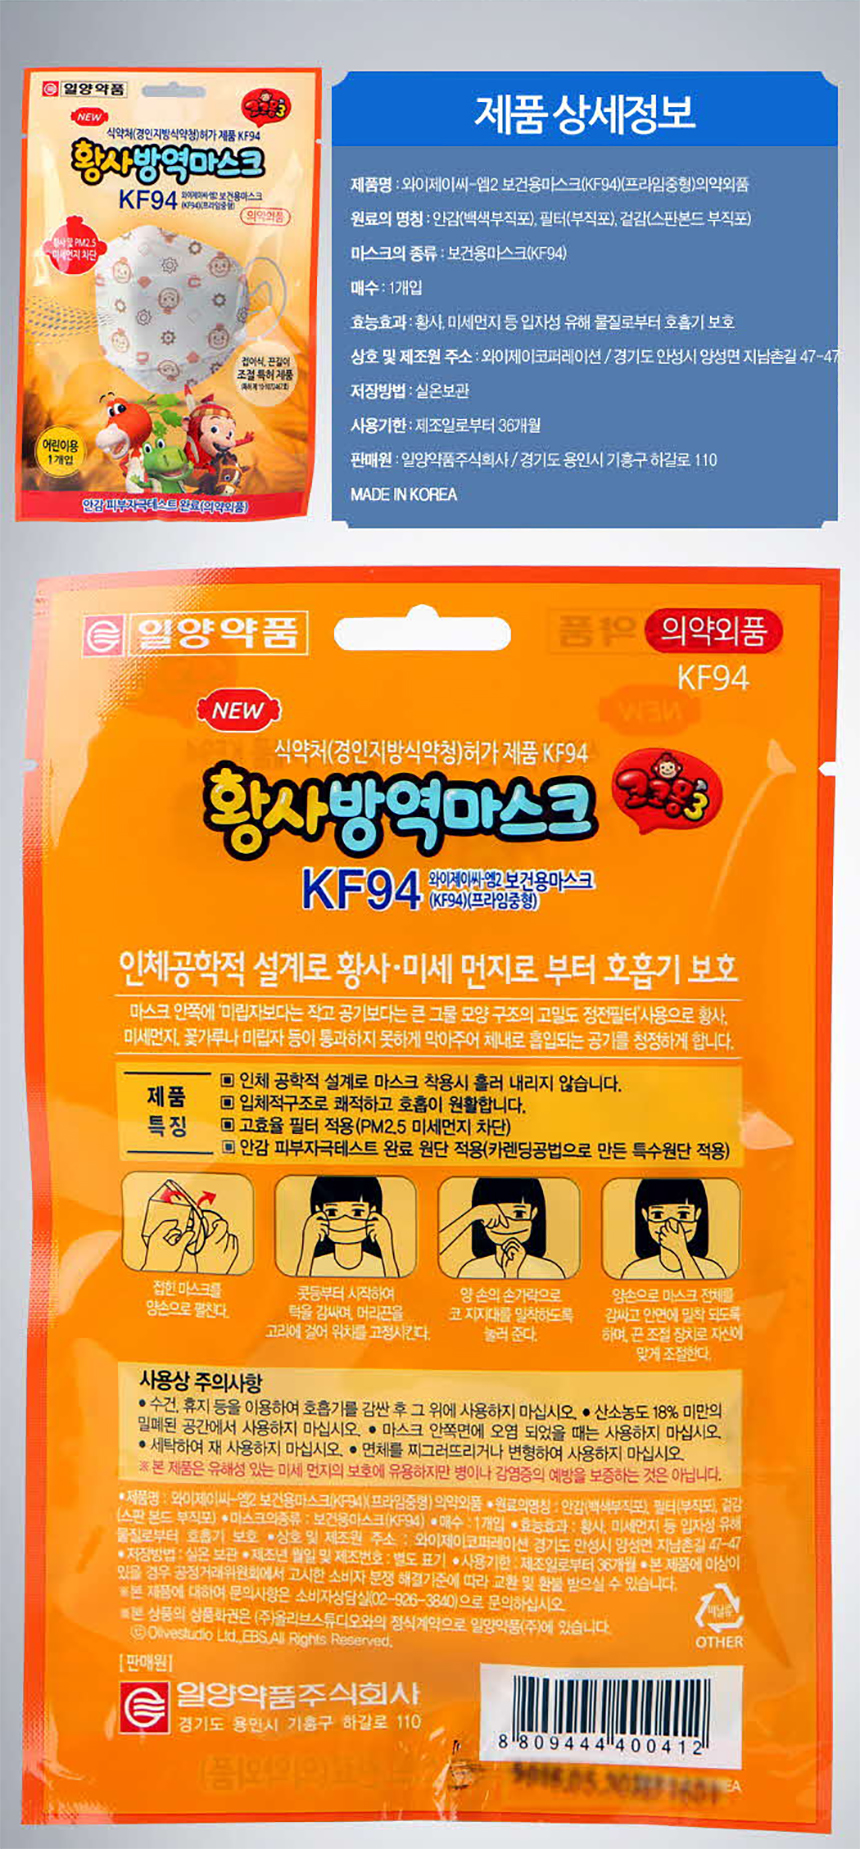 kf94_cocomong_09.jpg